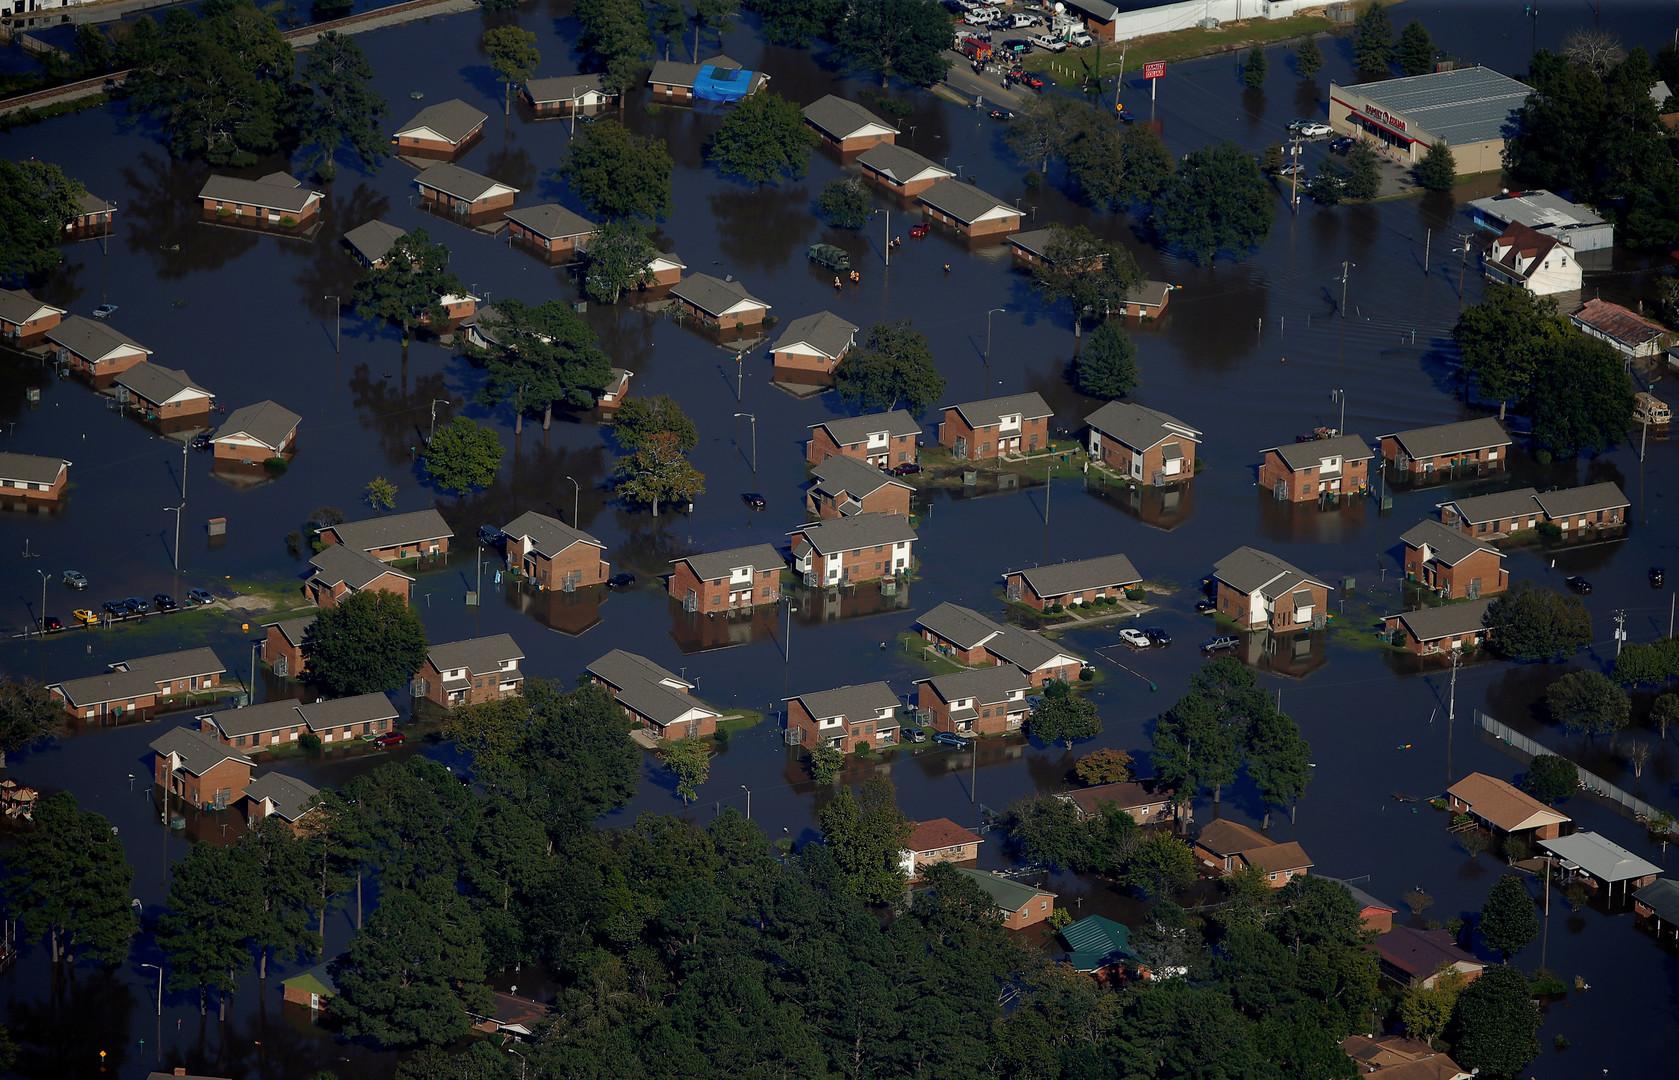 Город Ламбертон в американском штате Северная Каролина, затопленный после урагана «Мэтью».